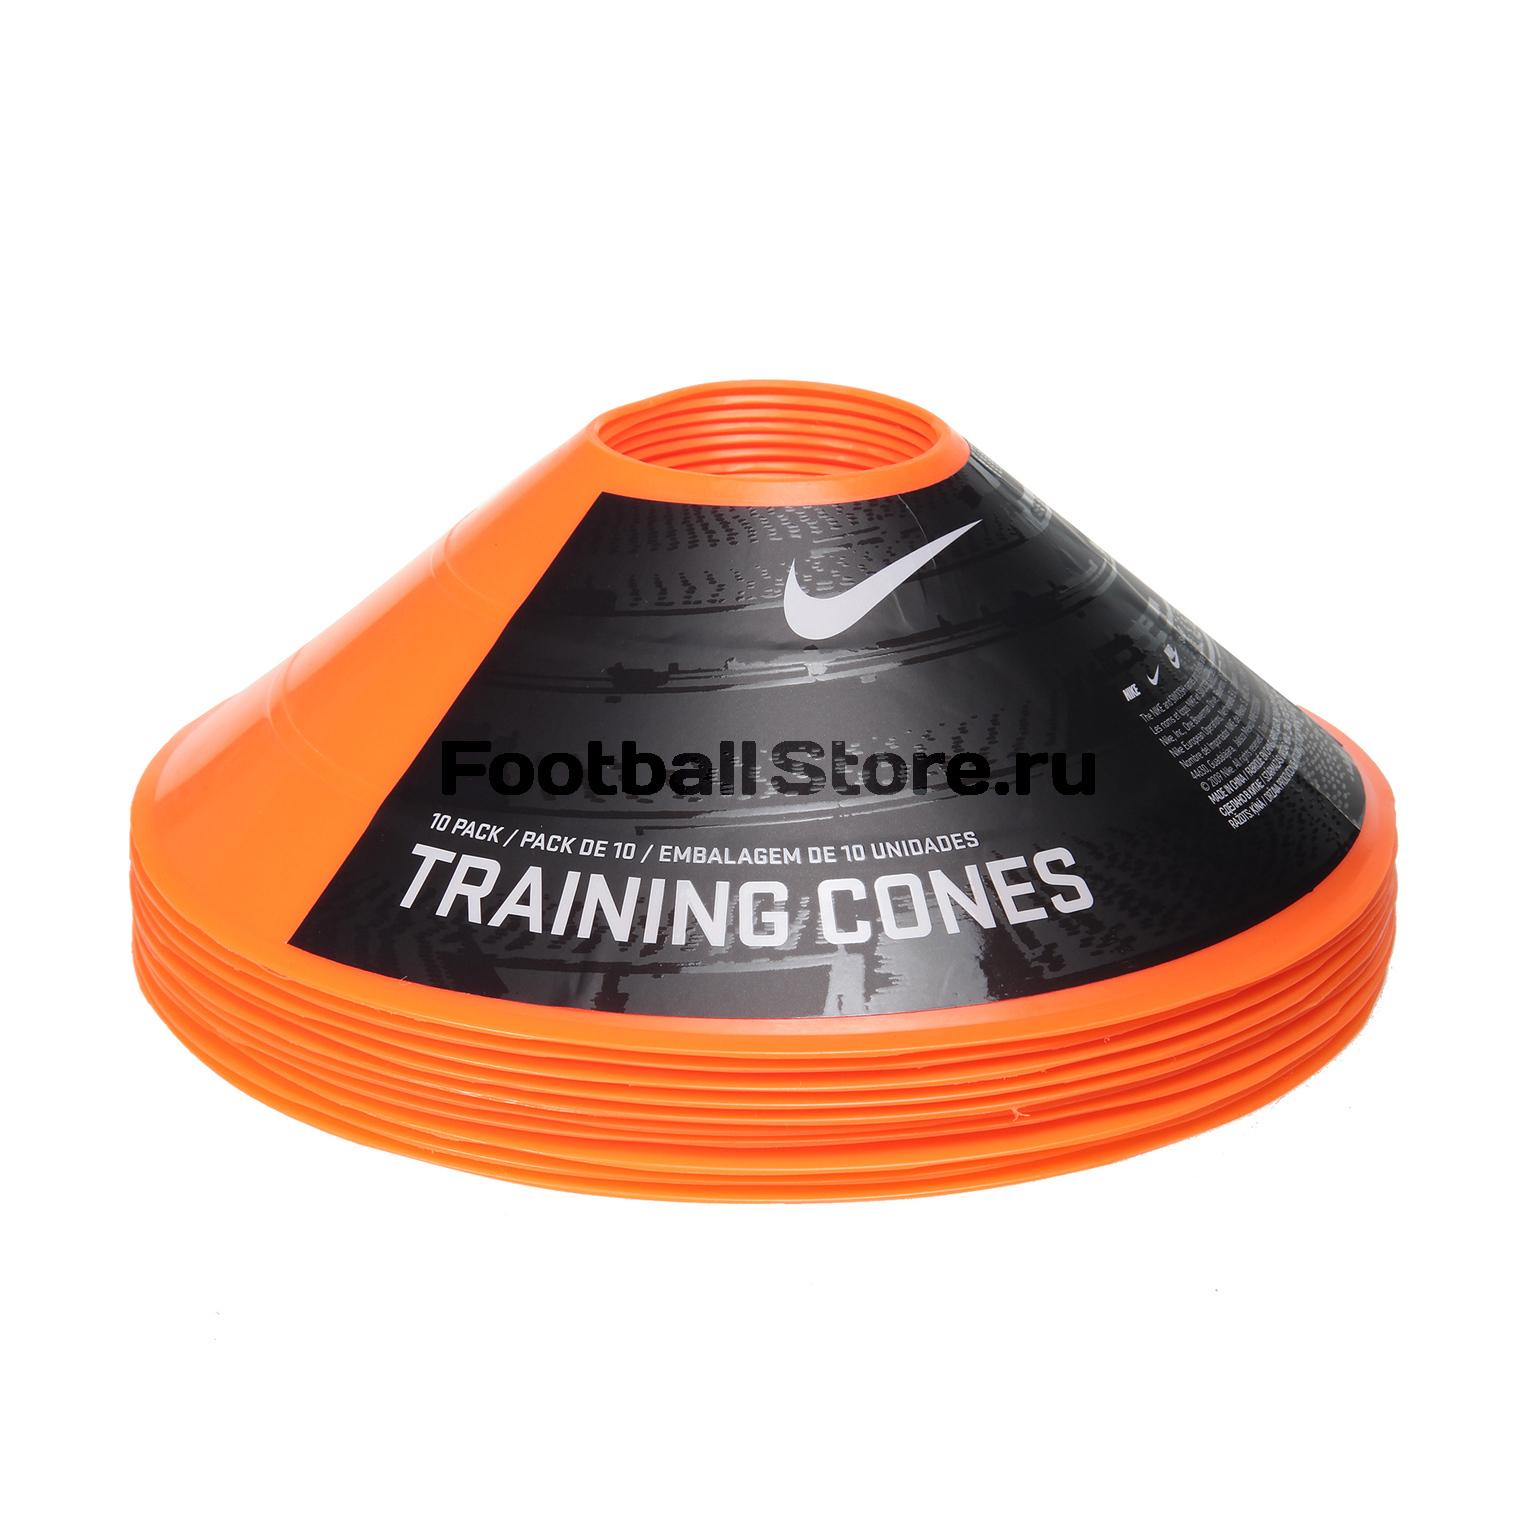 Конусы тренировочные Nike 10 Pack Orange N.SR.08.888.NS скакалка nike speed rope 2 0 ns hyper n er 10 695 ns